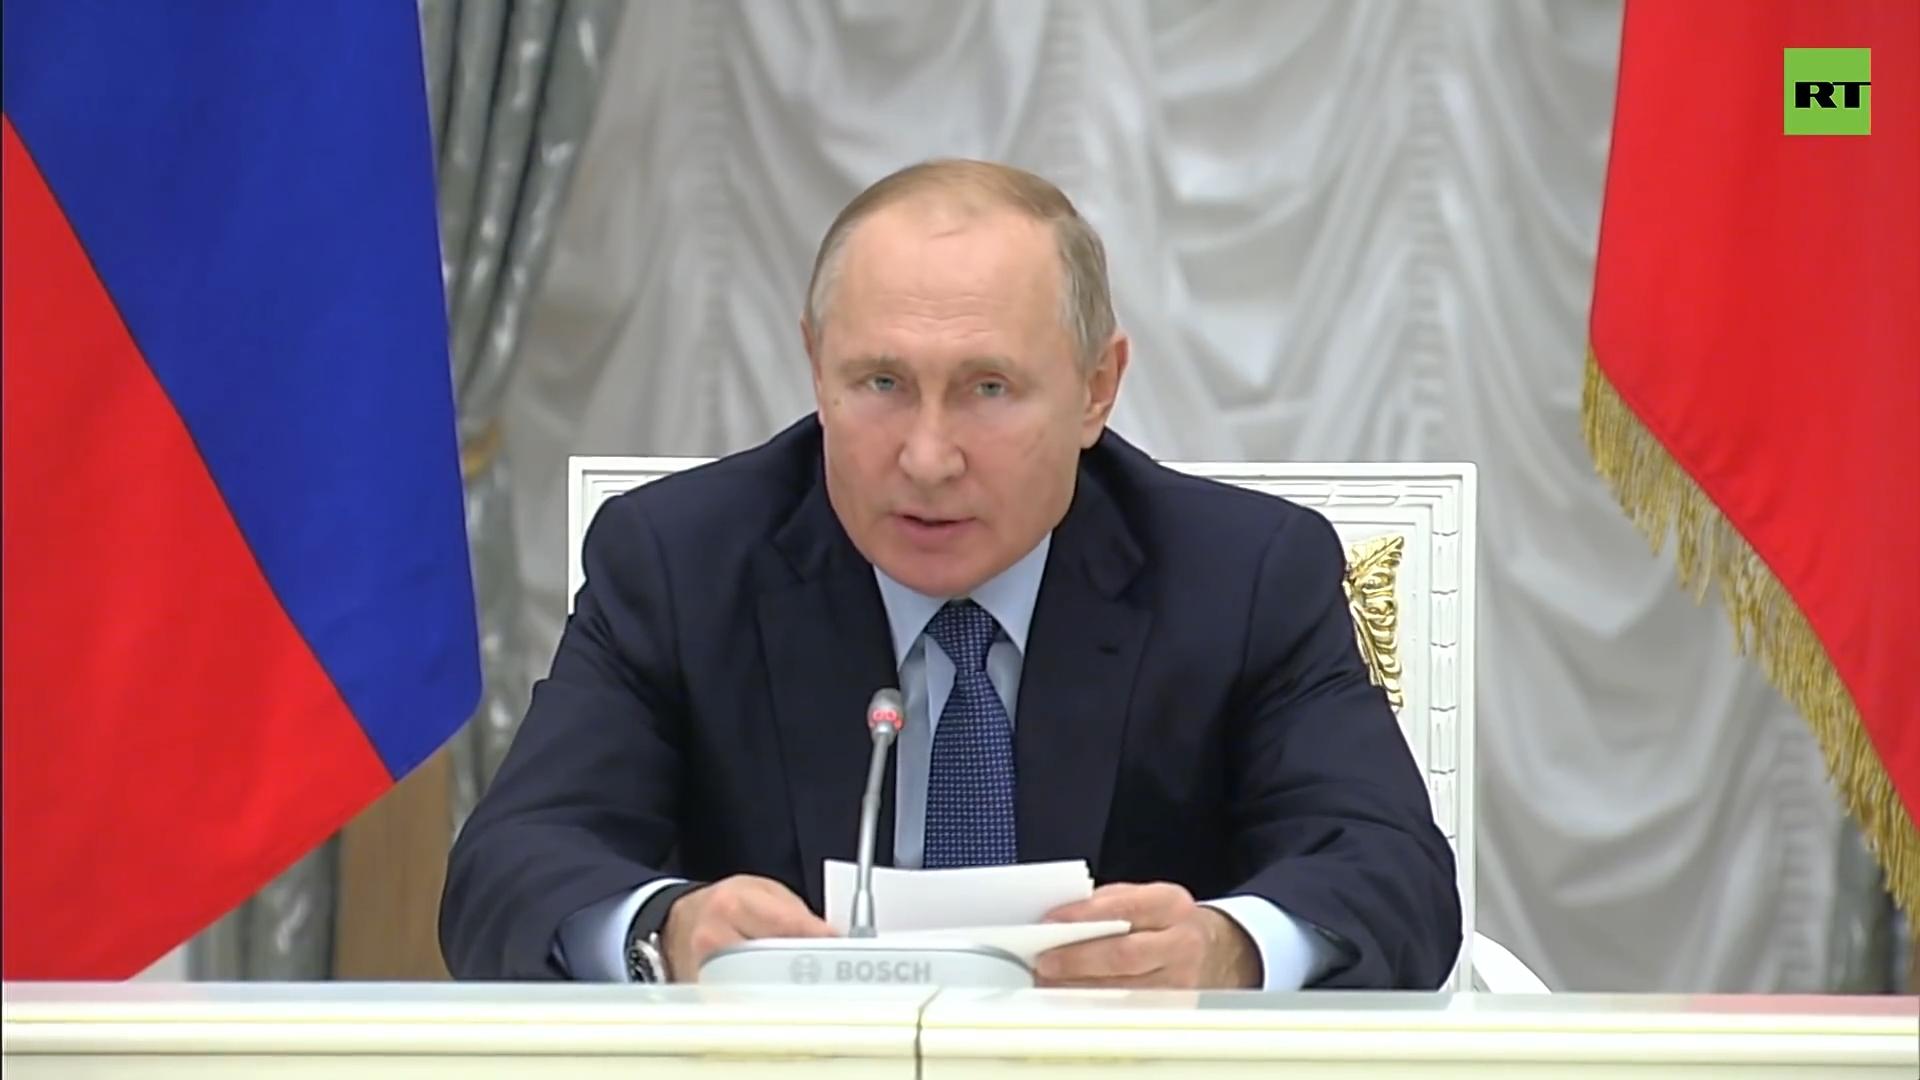 20191105_17-29-Путин поддержал идею организации юбилея Пушкина в 2024 году-pic4